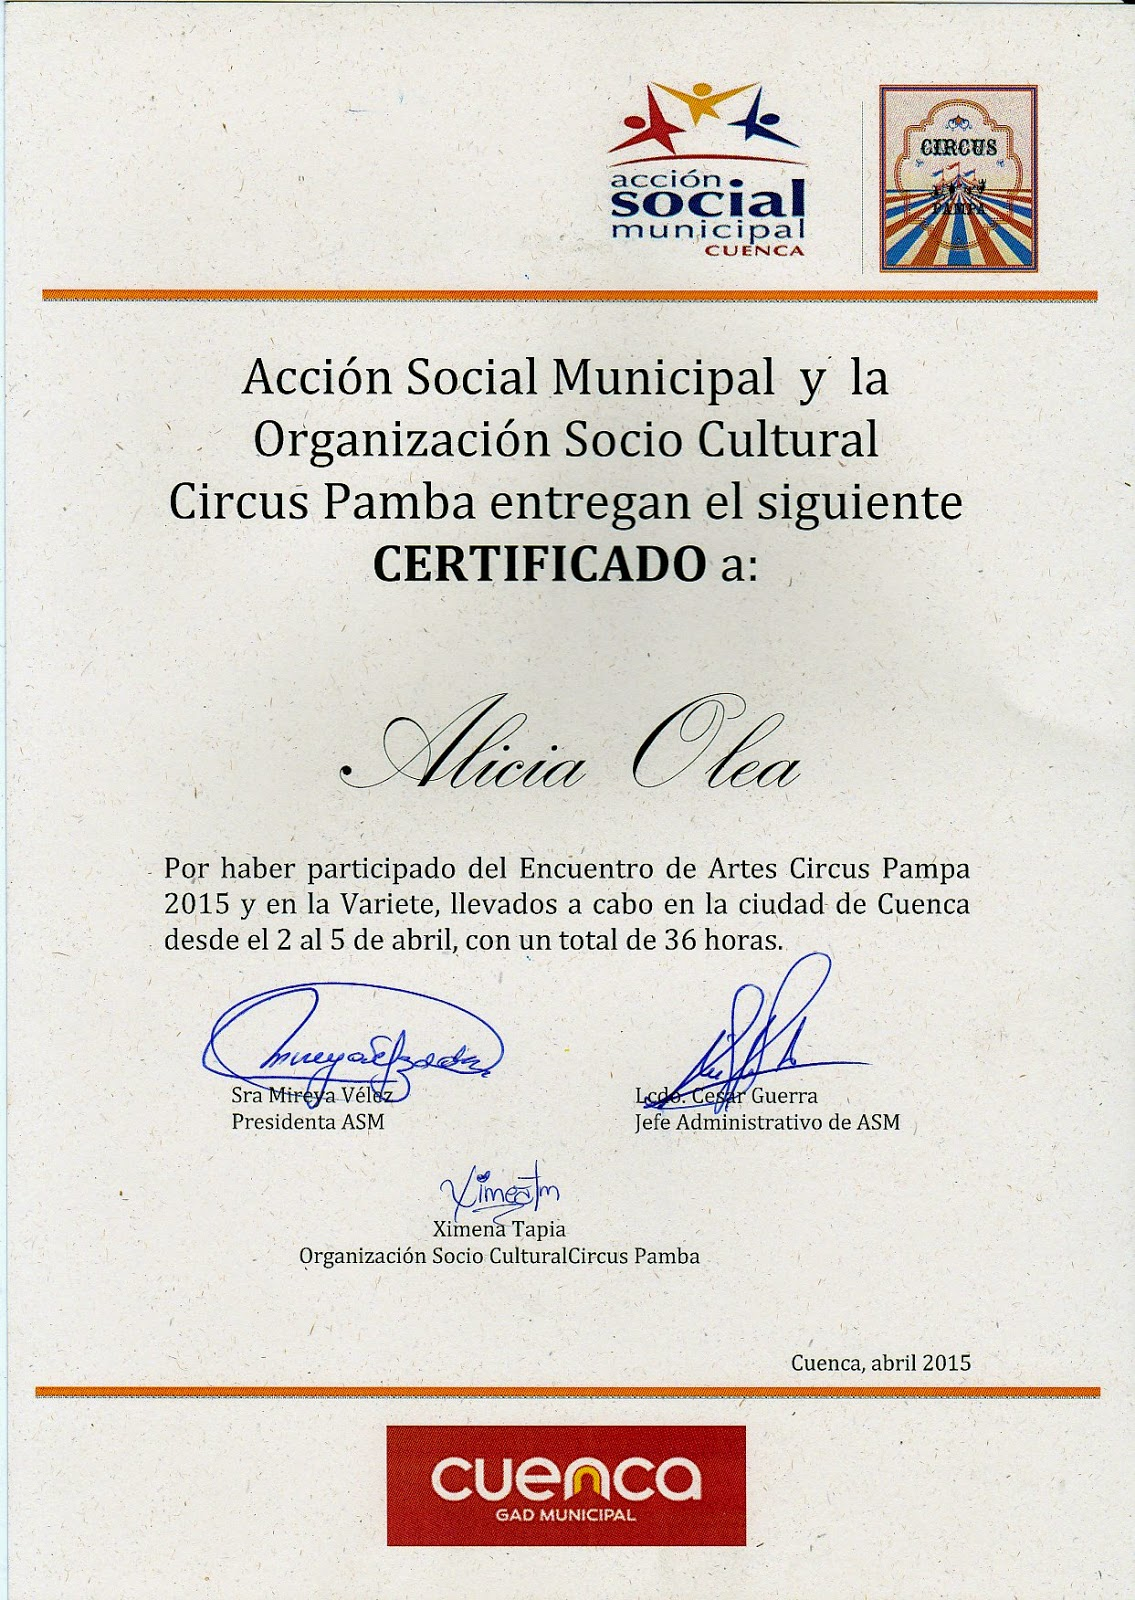 certificado de participaci n